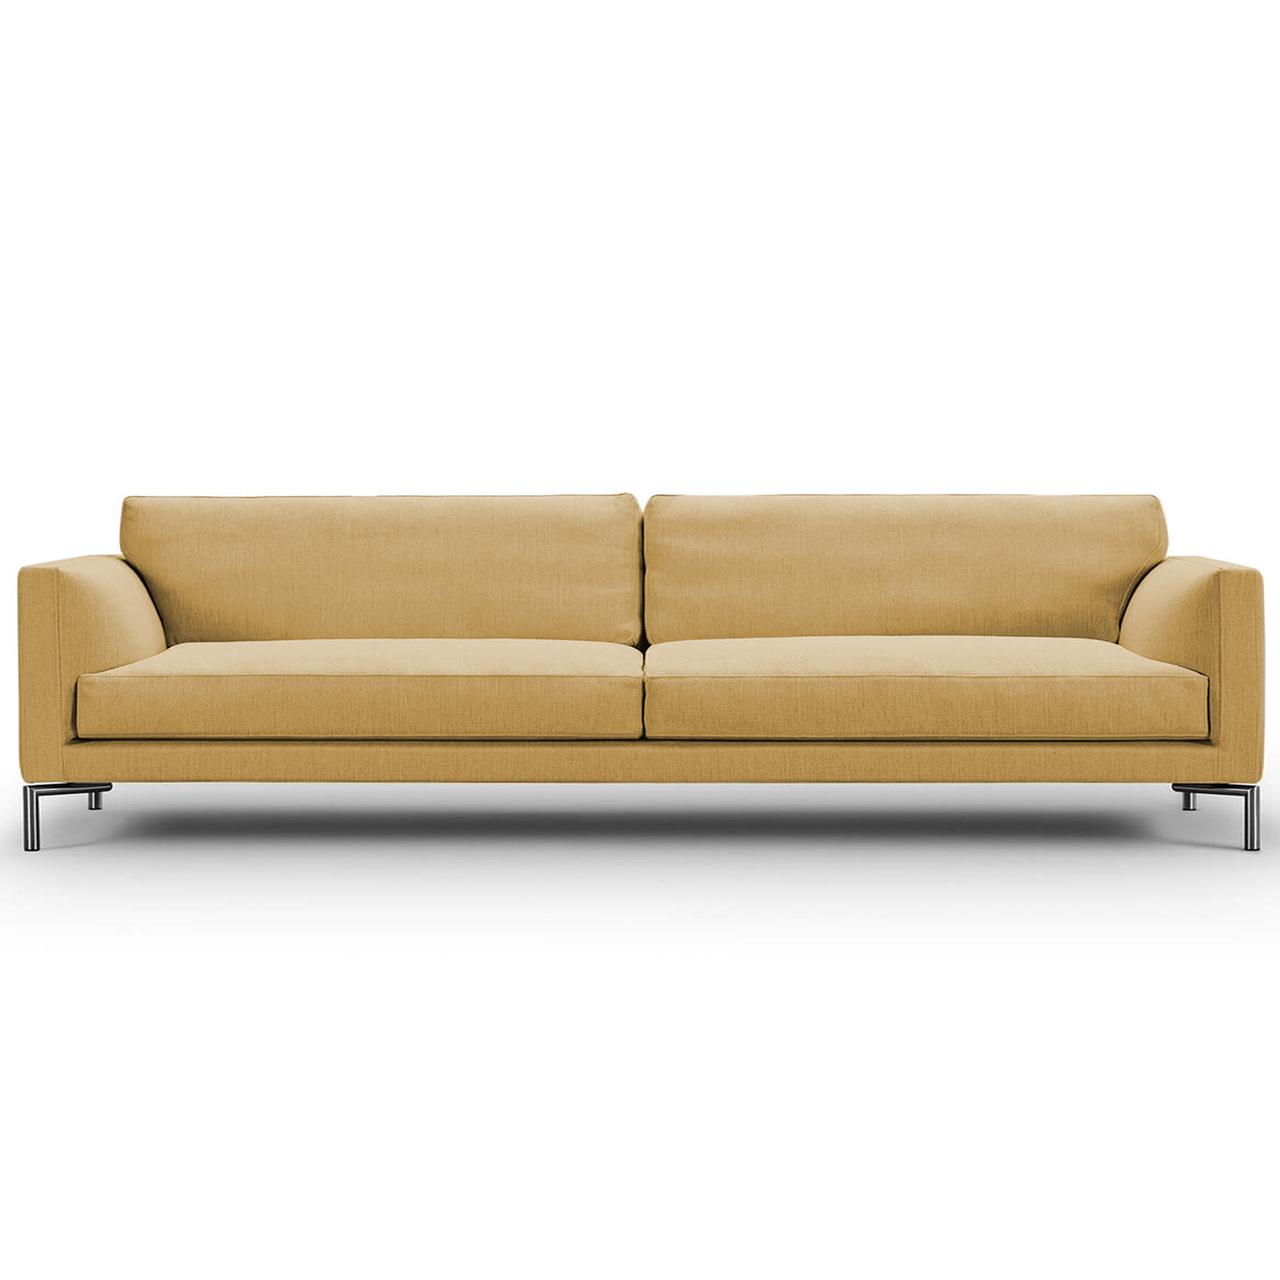 Eilersen Sofa Mission Ockergelb 18 - Nature, B: 240 cm, festsitzend